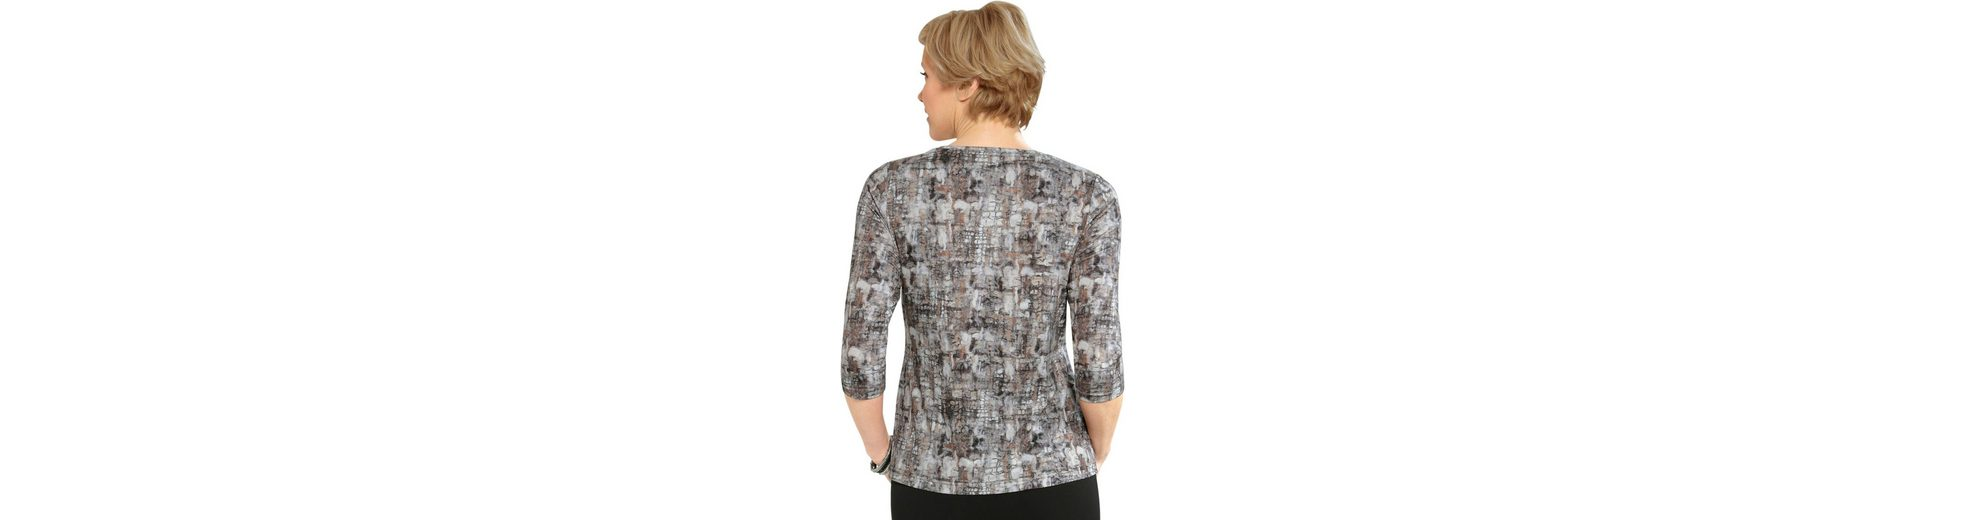 Classic Shirt mit Rundhals-Ausschnitt Besuchen Zu Verkaufen Günstig Kaufen Extrem Verkaufen Kaufen Wirklich Zum Verkauf Rabatt Angebot TrA16YidiC